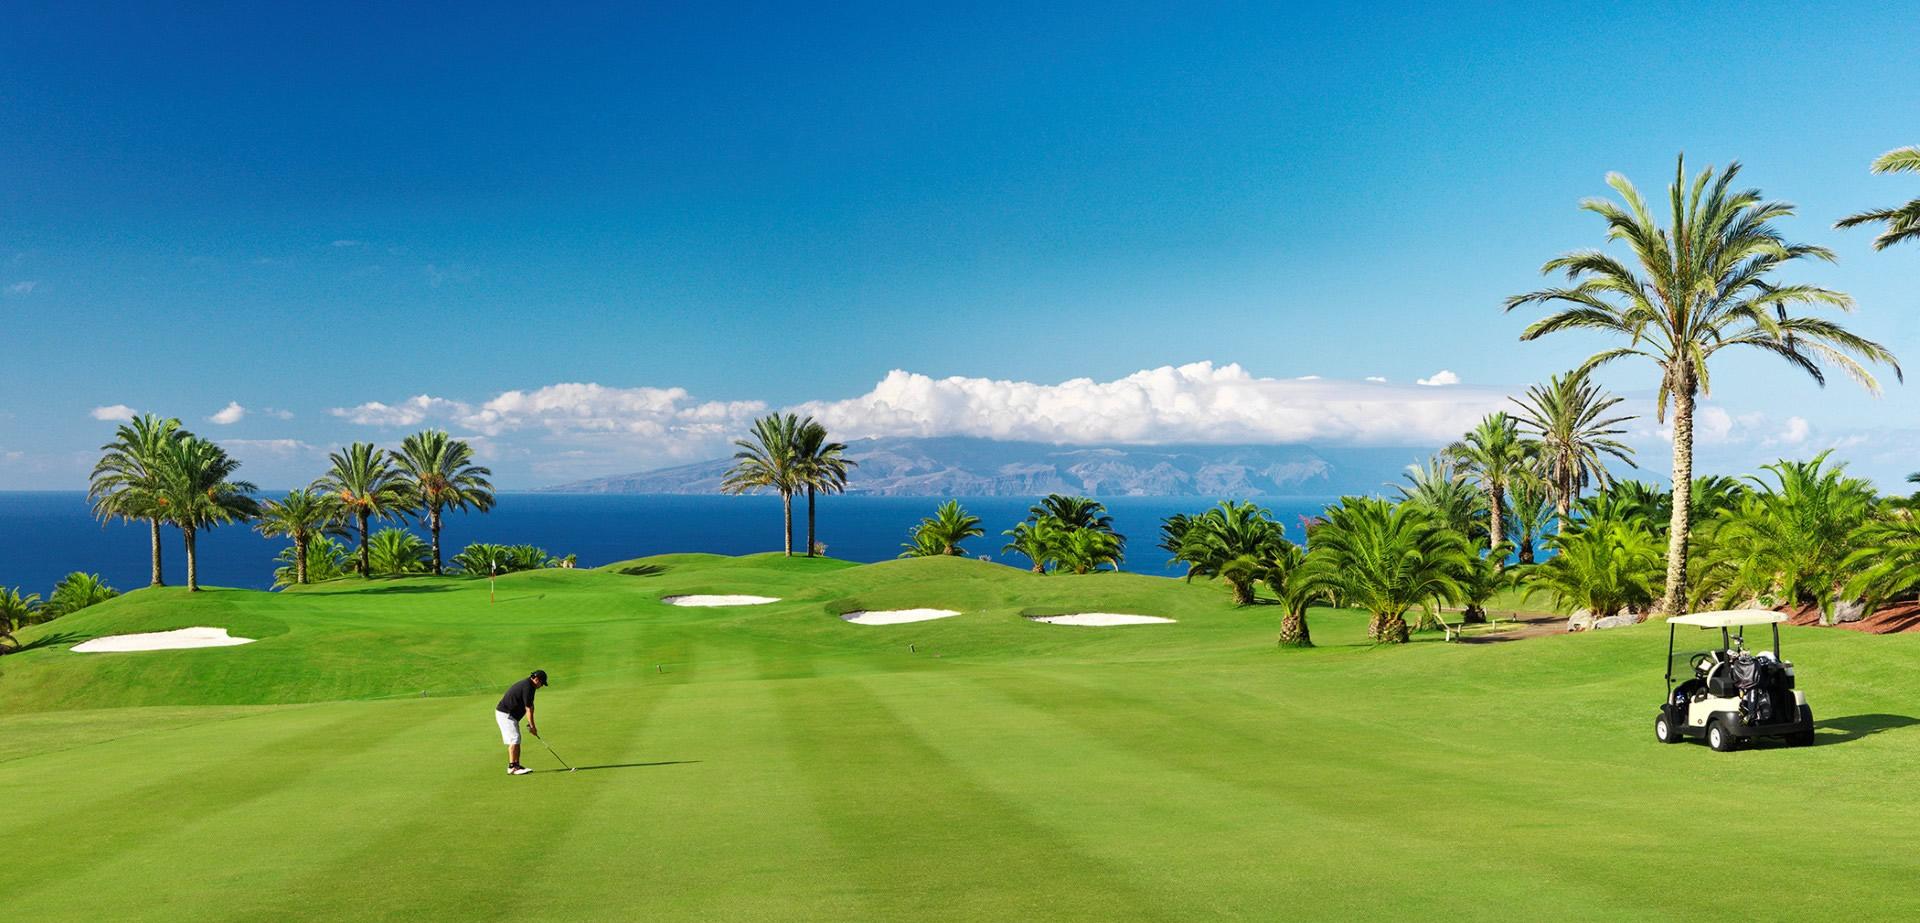 Tenerife, entre los 15 mejores destinos de turismo de golf en el mundo.